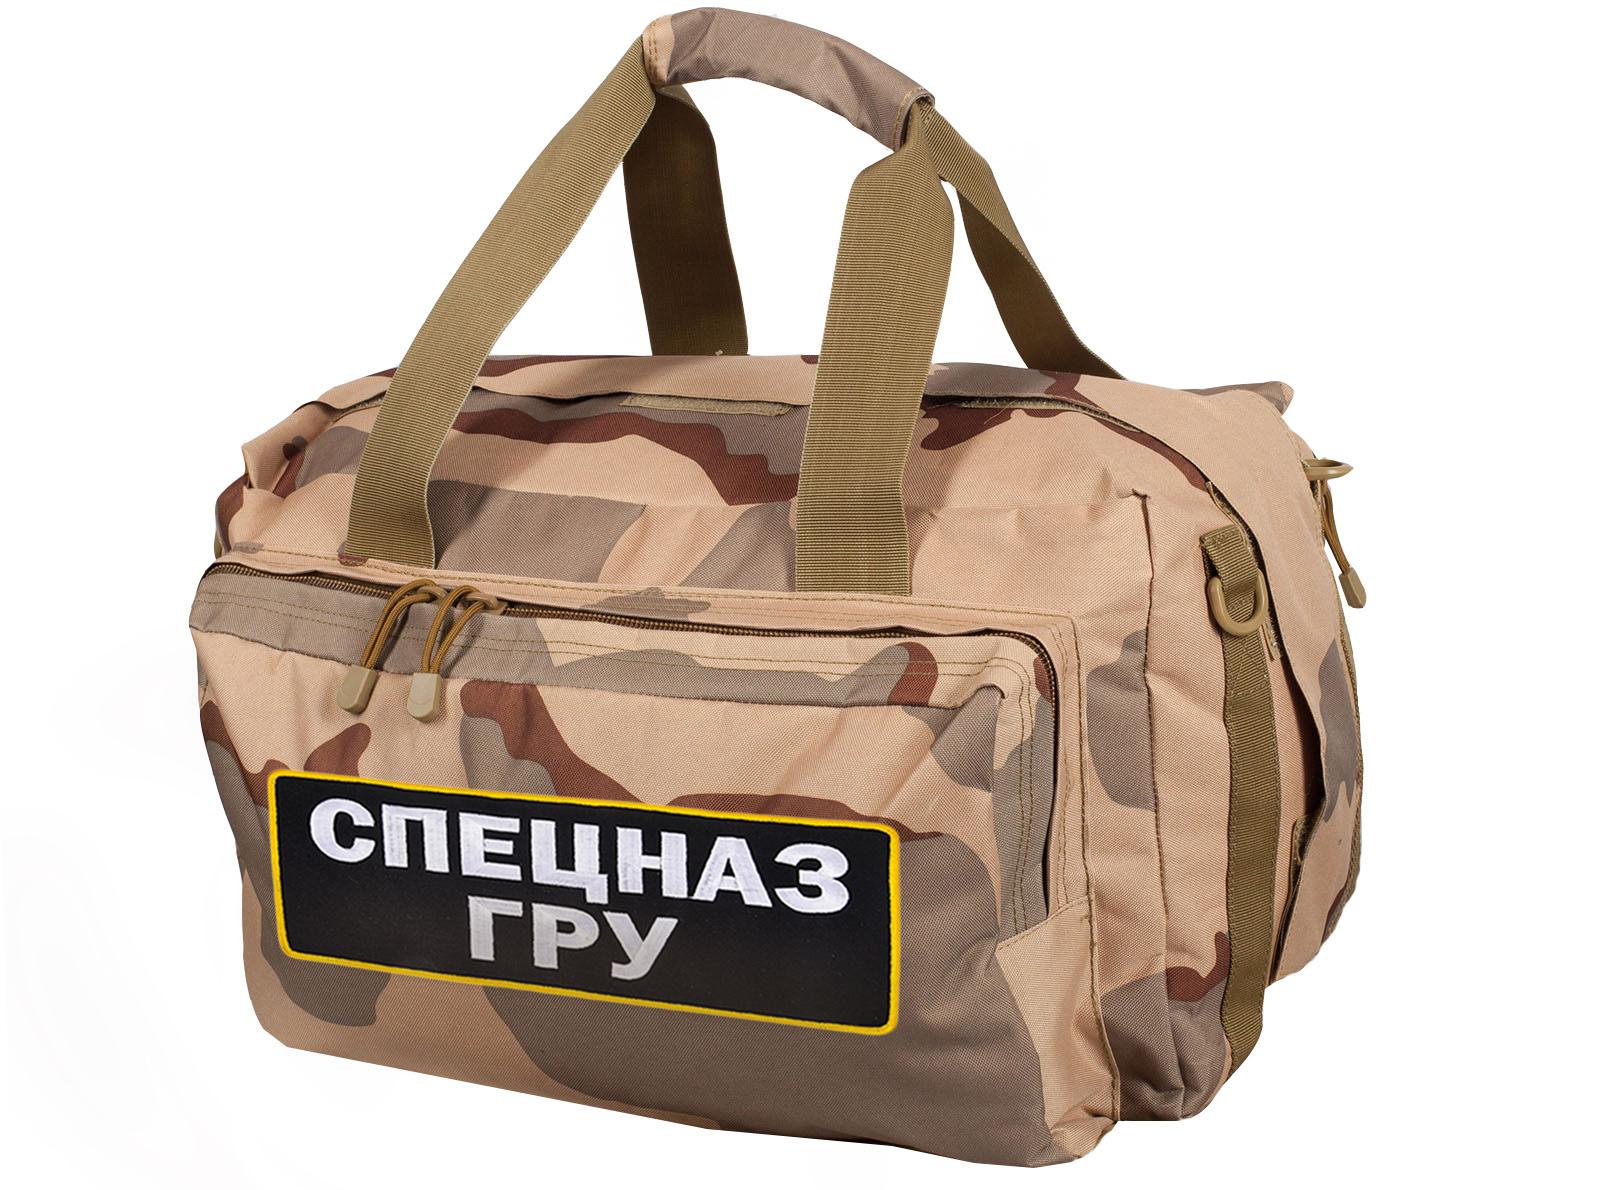 Купить камуфляжный рюкзак-сумку спецназа ГРУ